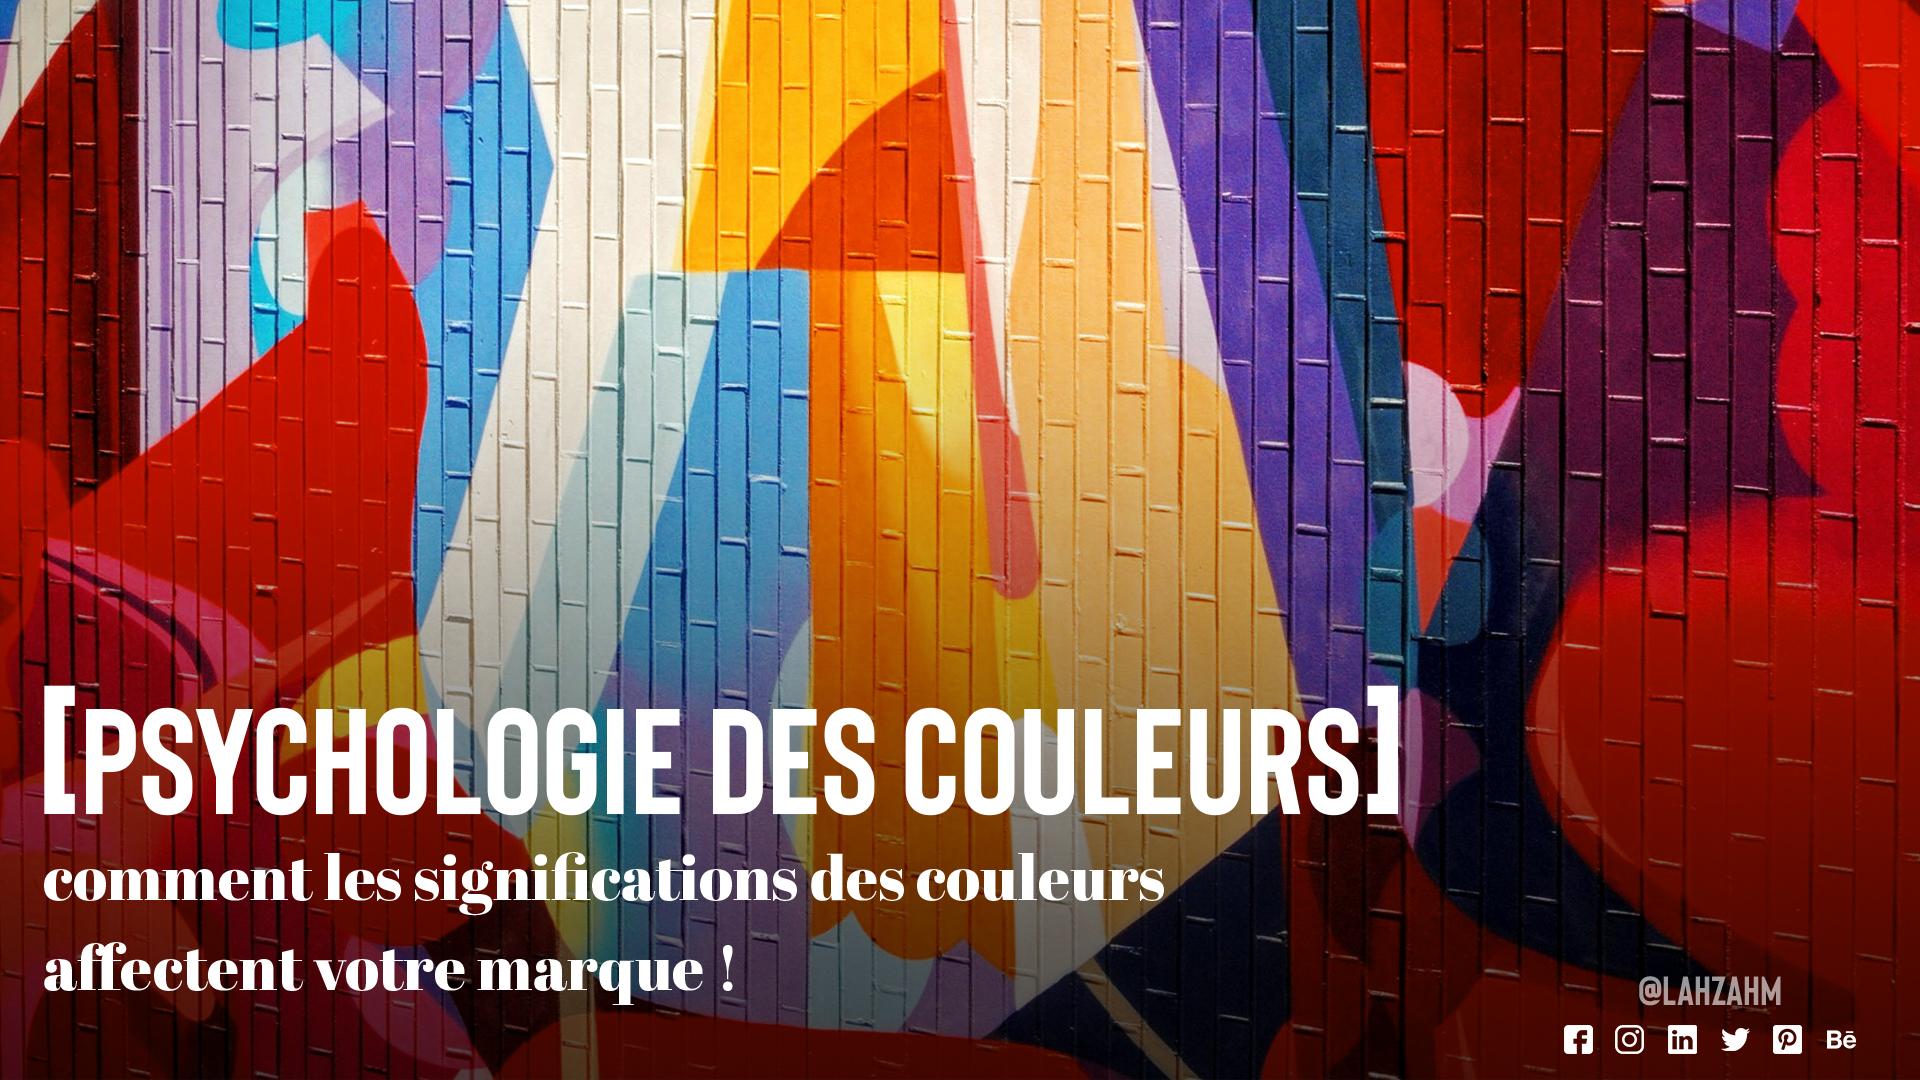 Psychologie des couleurs: comment les significations des couleurs affectent votre marque !